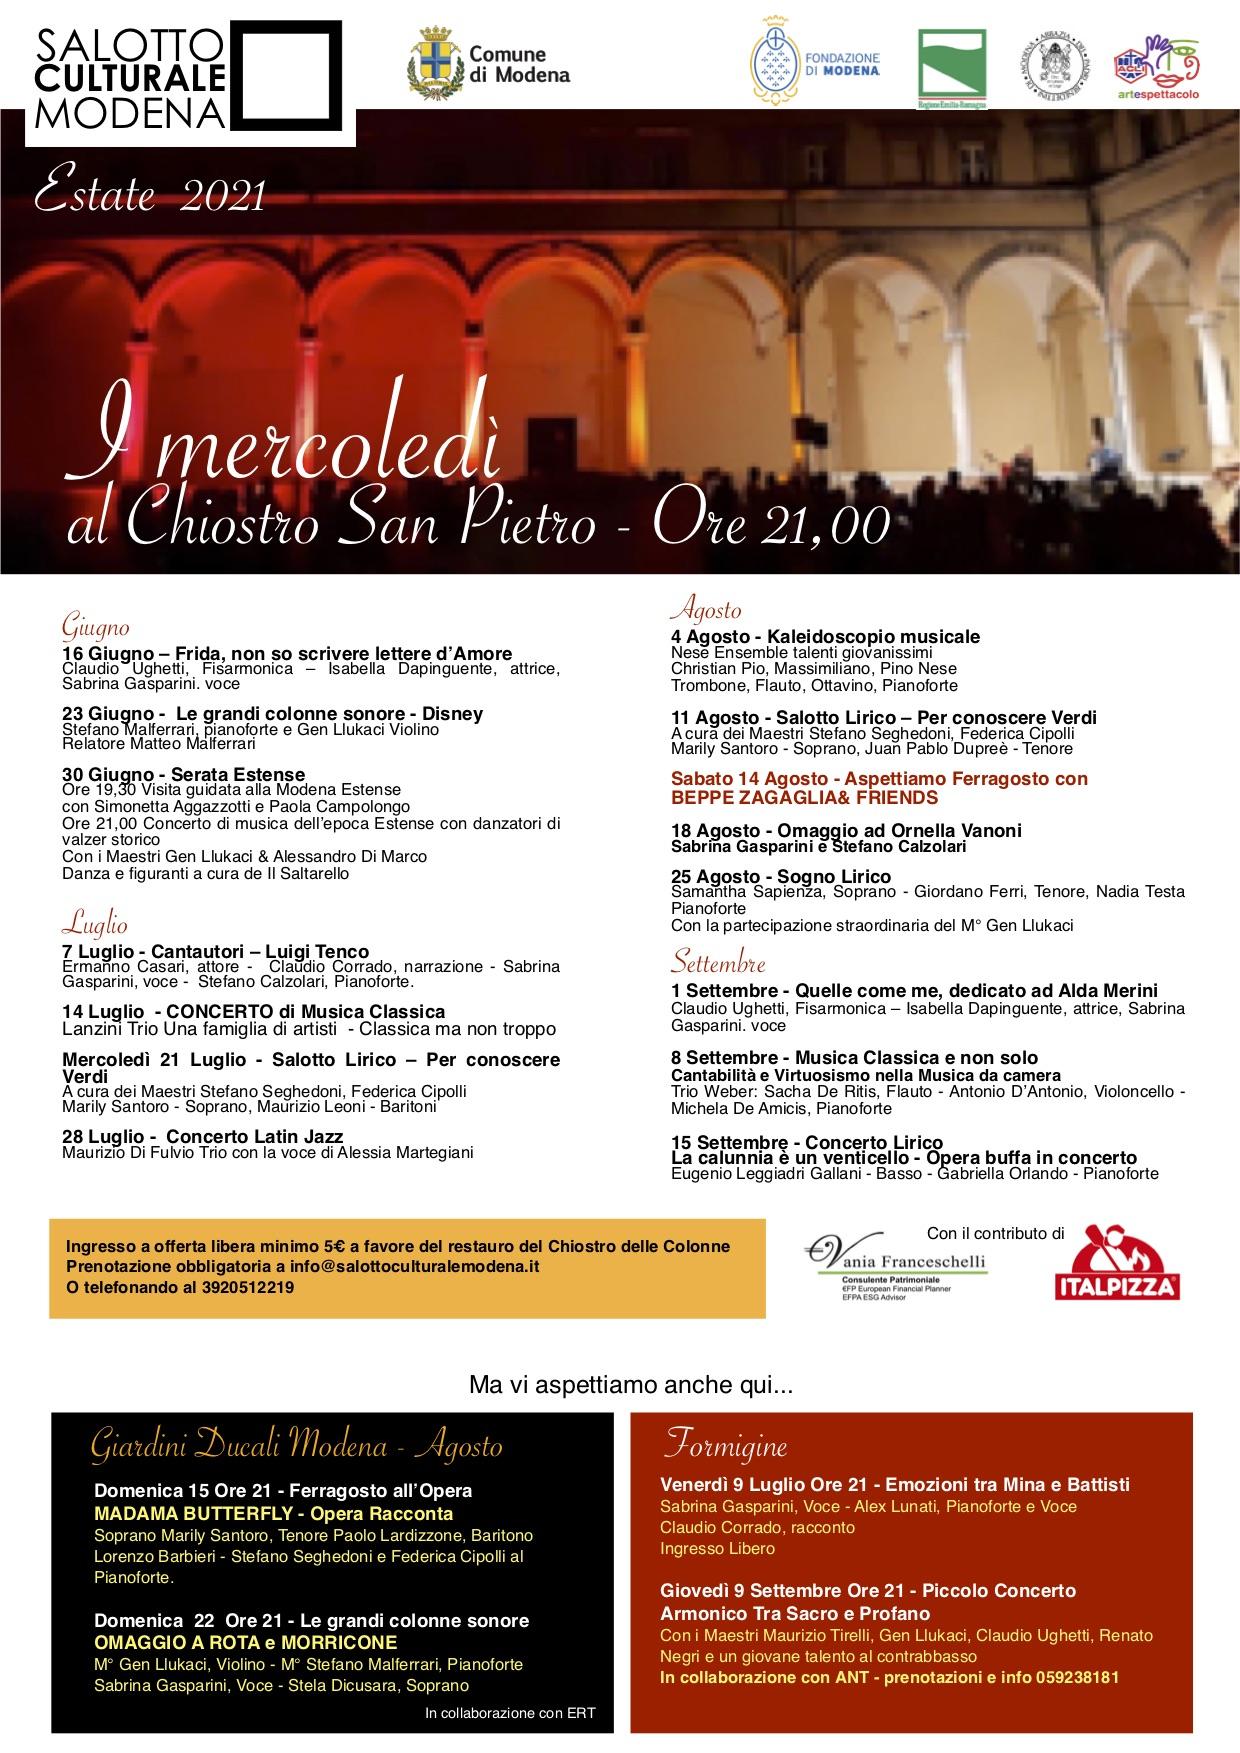 Rassegna eventi salotto culturale modena estate 2021